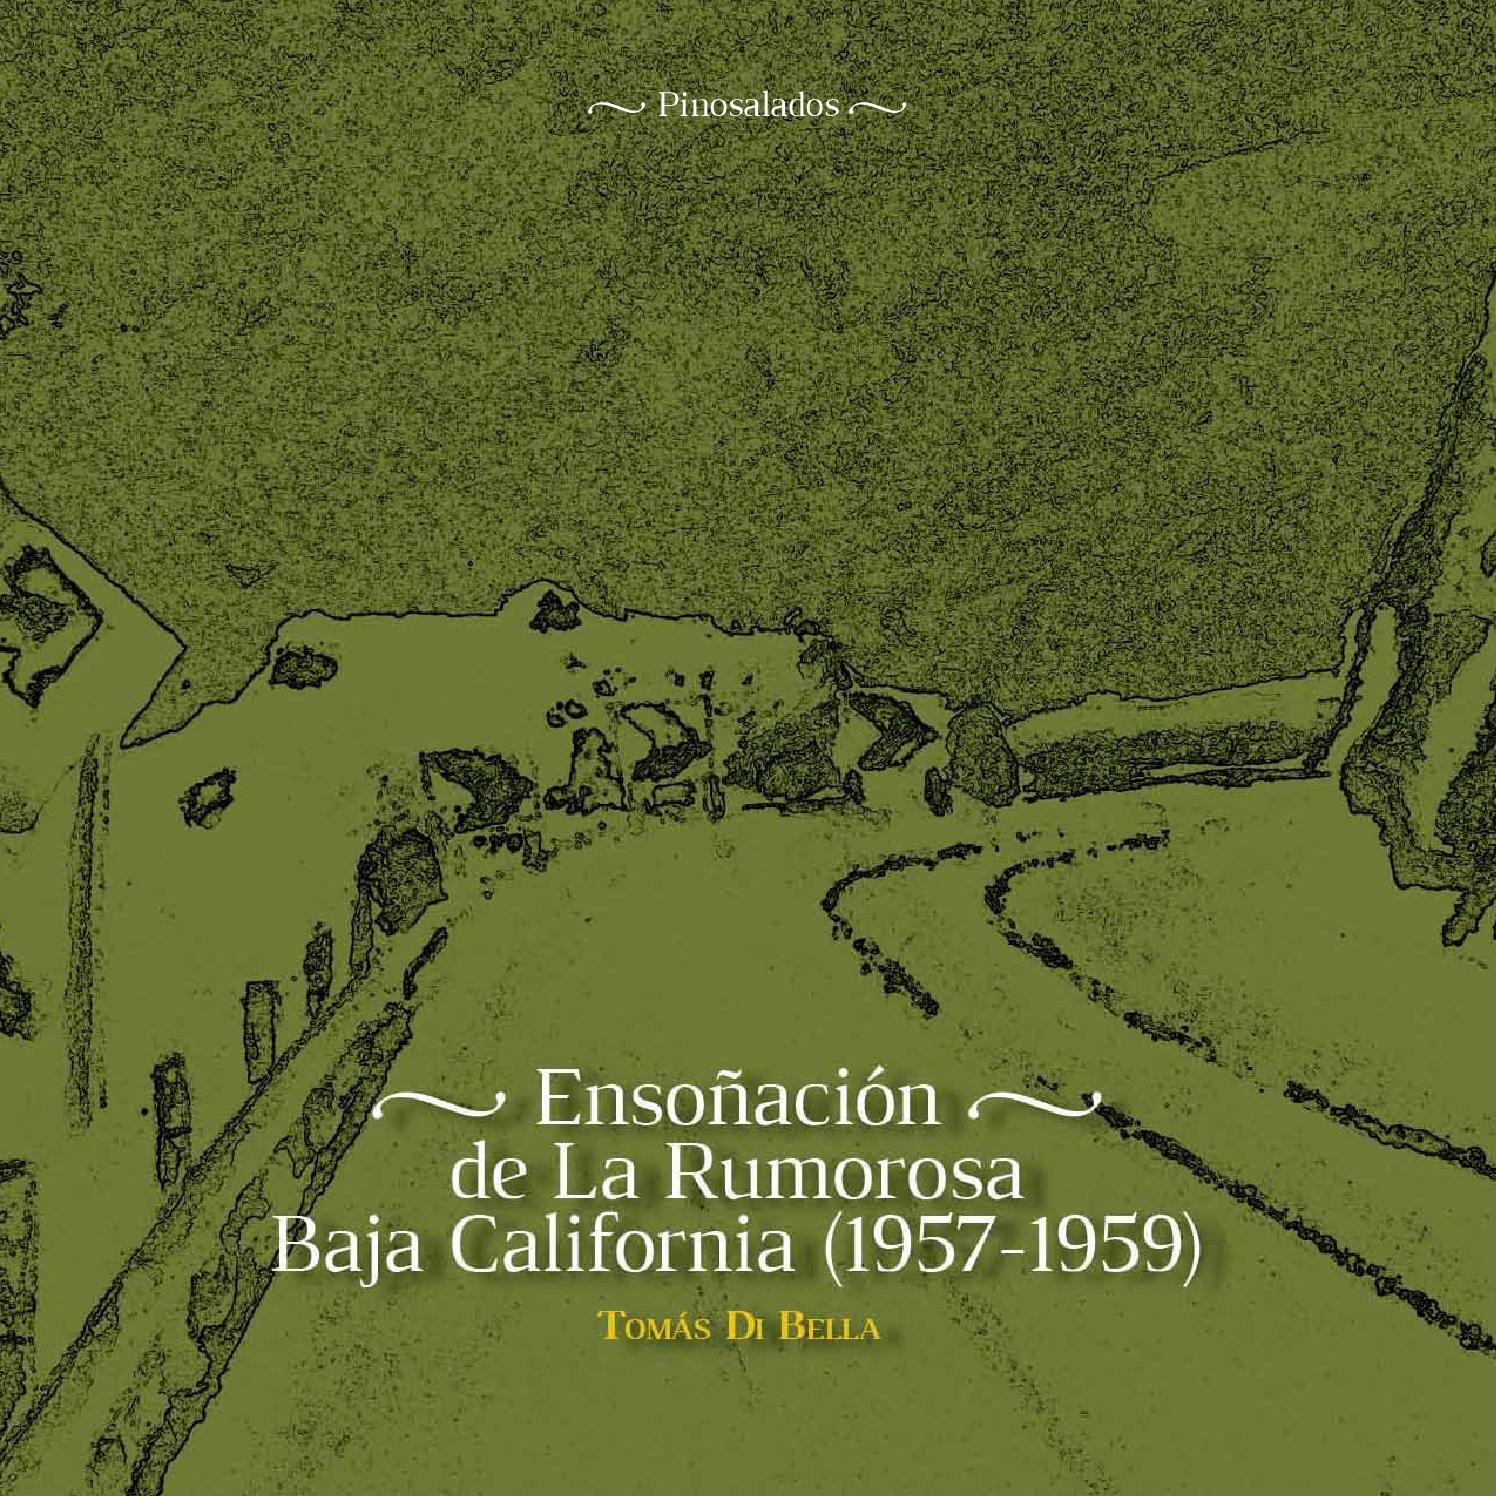 Ensoñación de la rumorosa by Rosa M. Espinoza - issuu